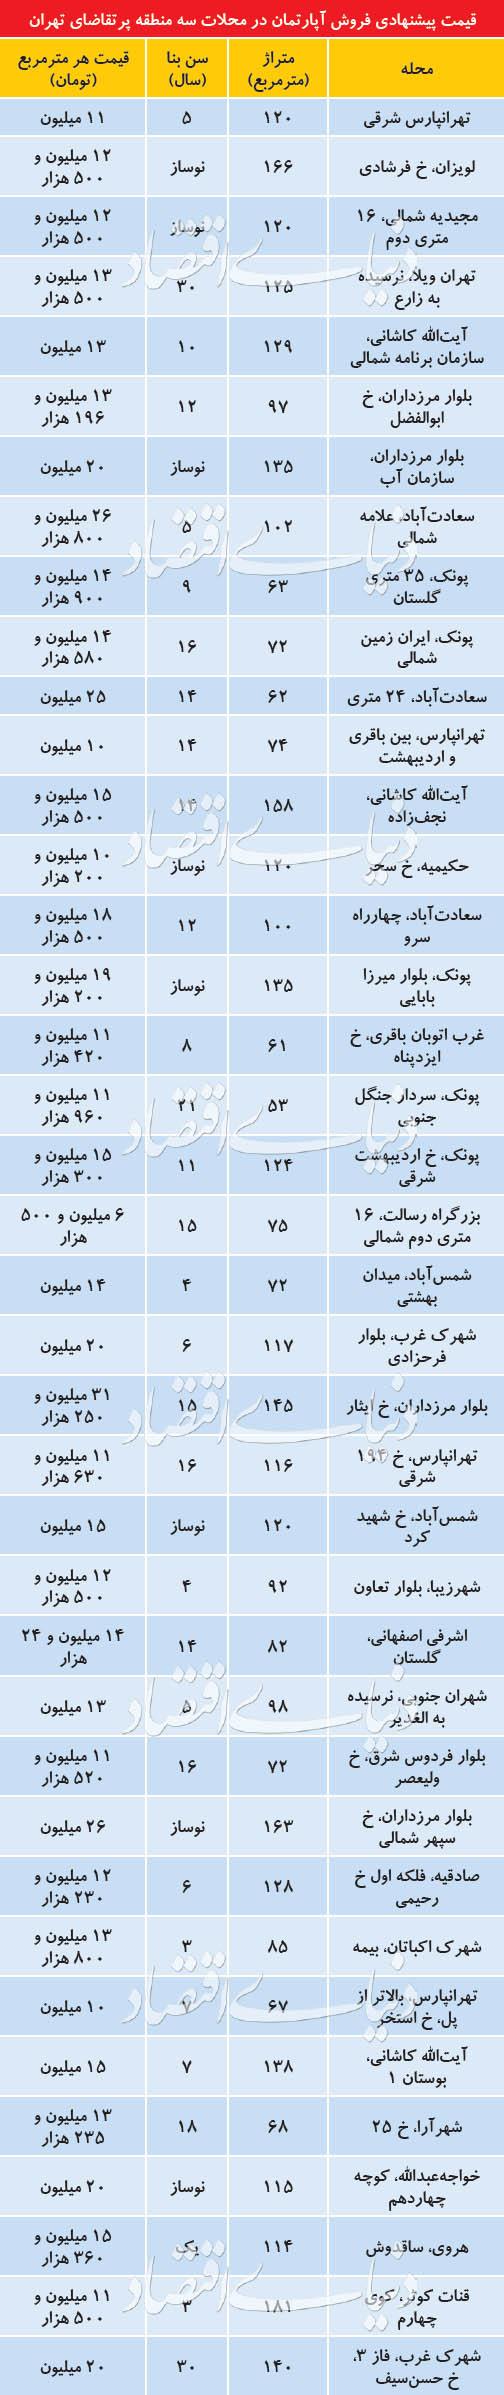 فایلهای سه منطقه پرتقاضای تهران